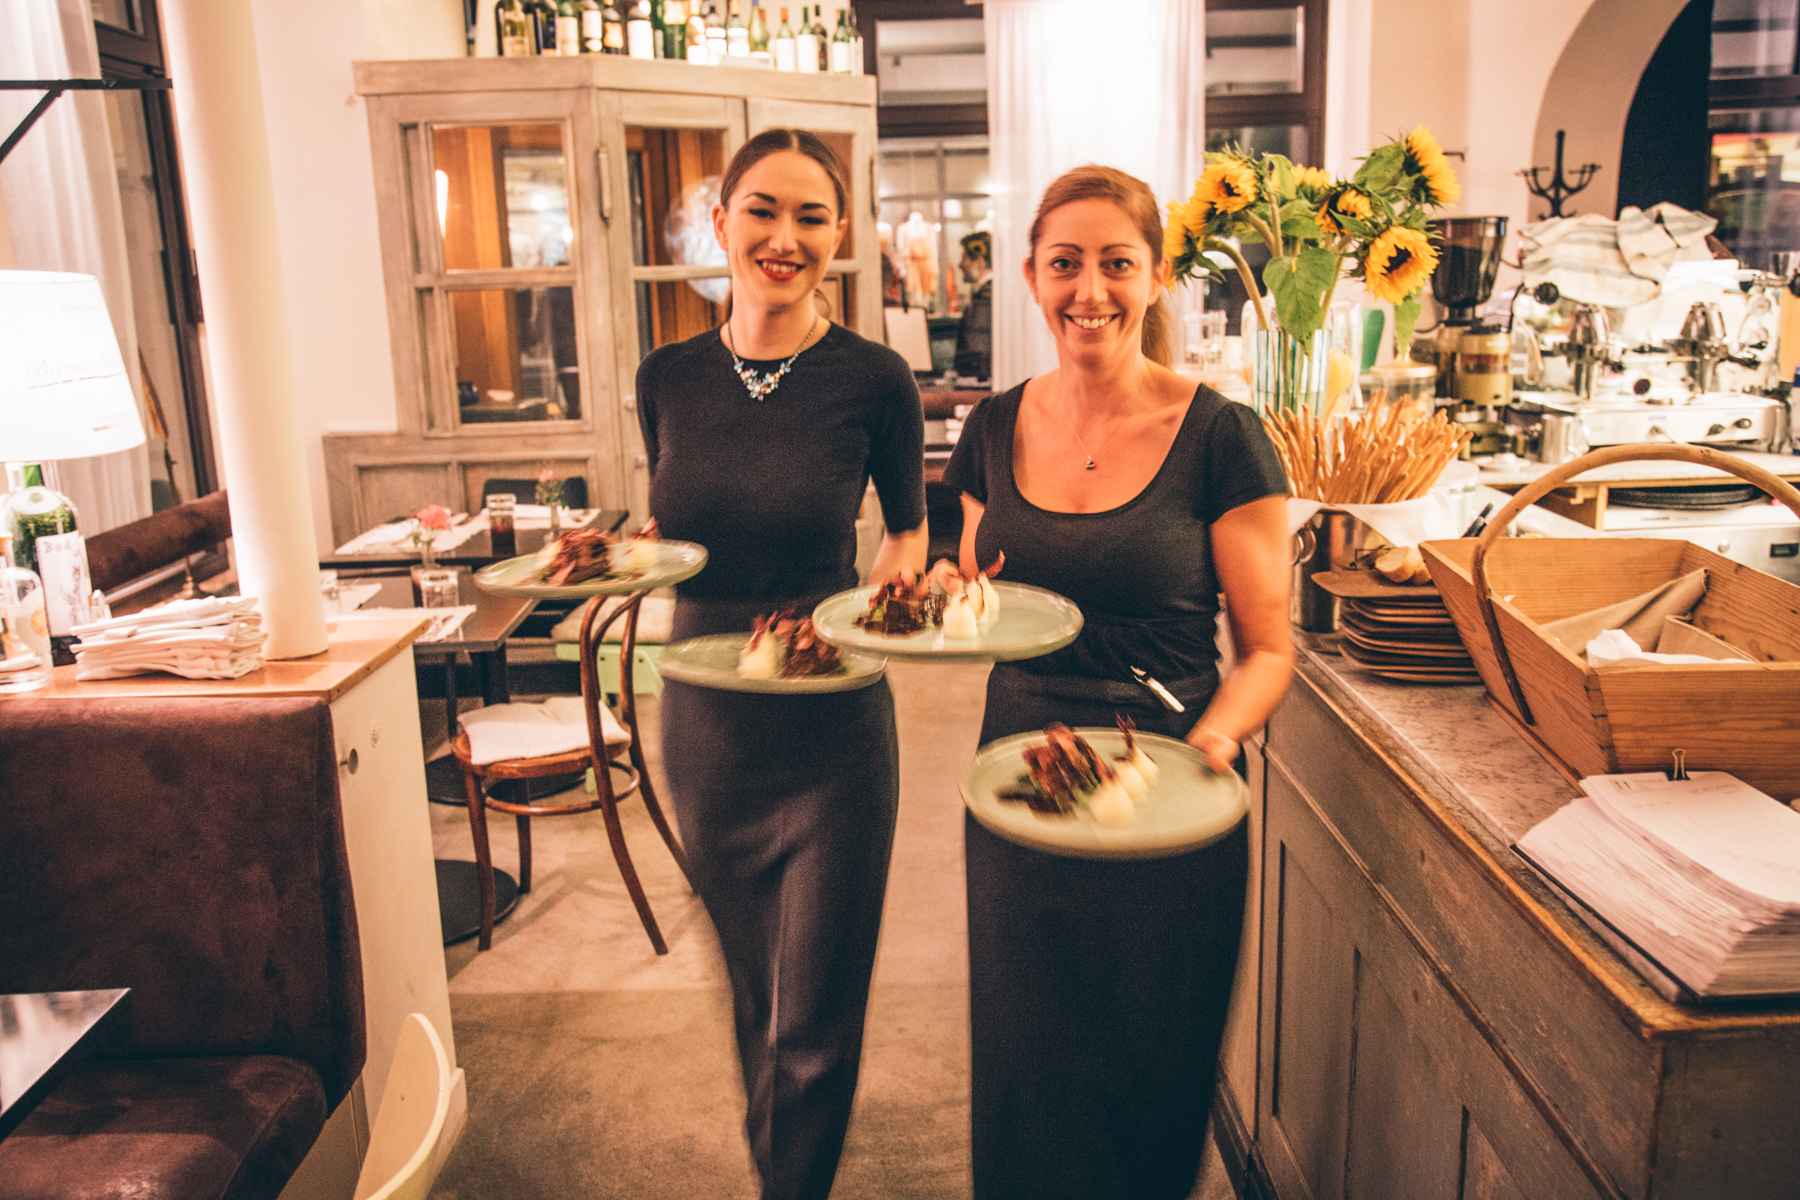 Geheimtipp Muenchen MaraisSoire Franzoesiches Restaurant 24 von 33 – ©wunderland media GmbH